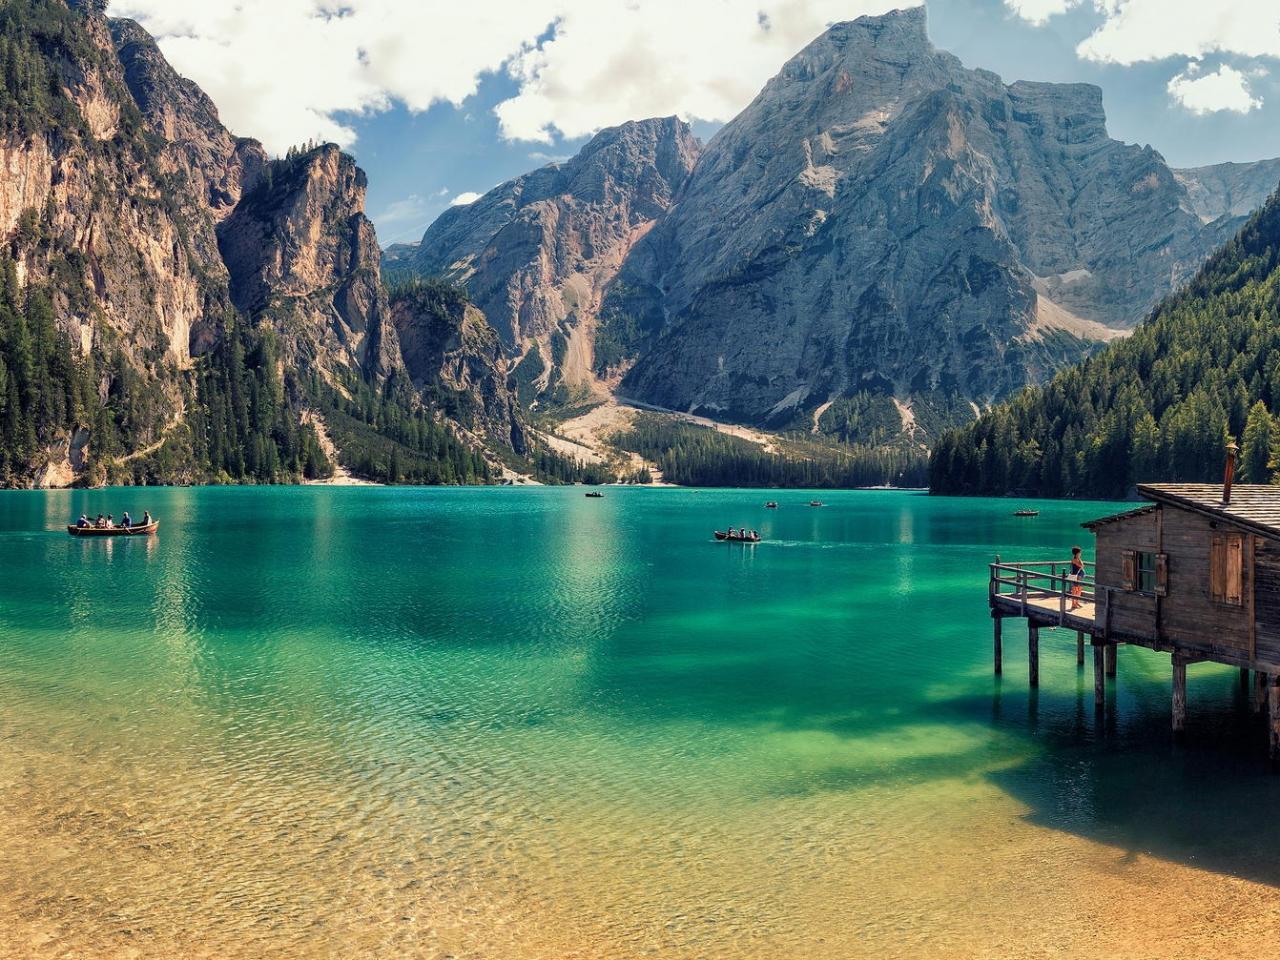 Lago Di Braies de Italia - 1280x960